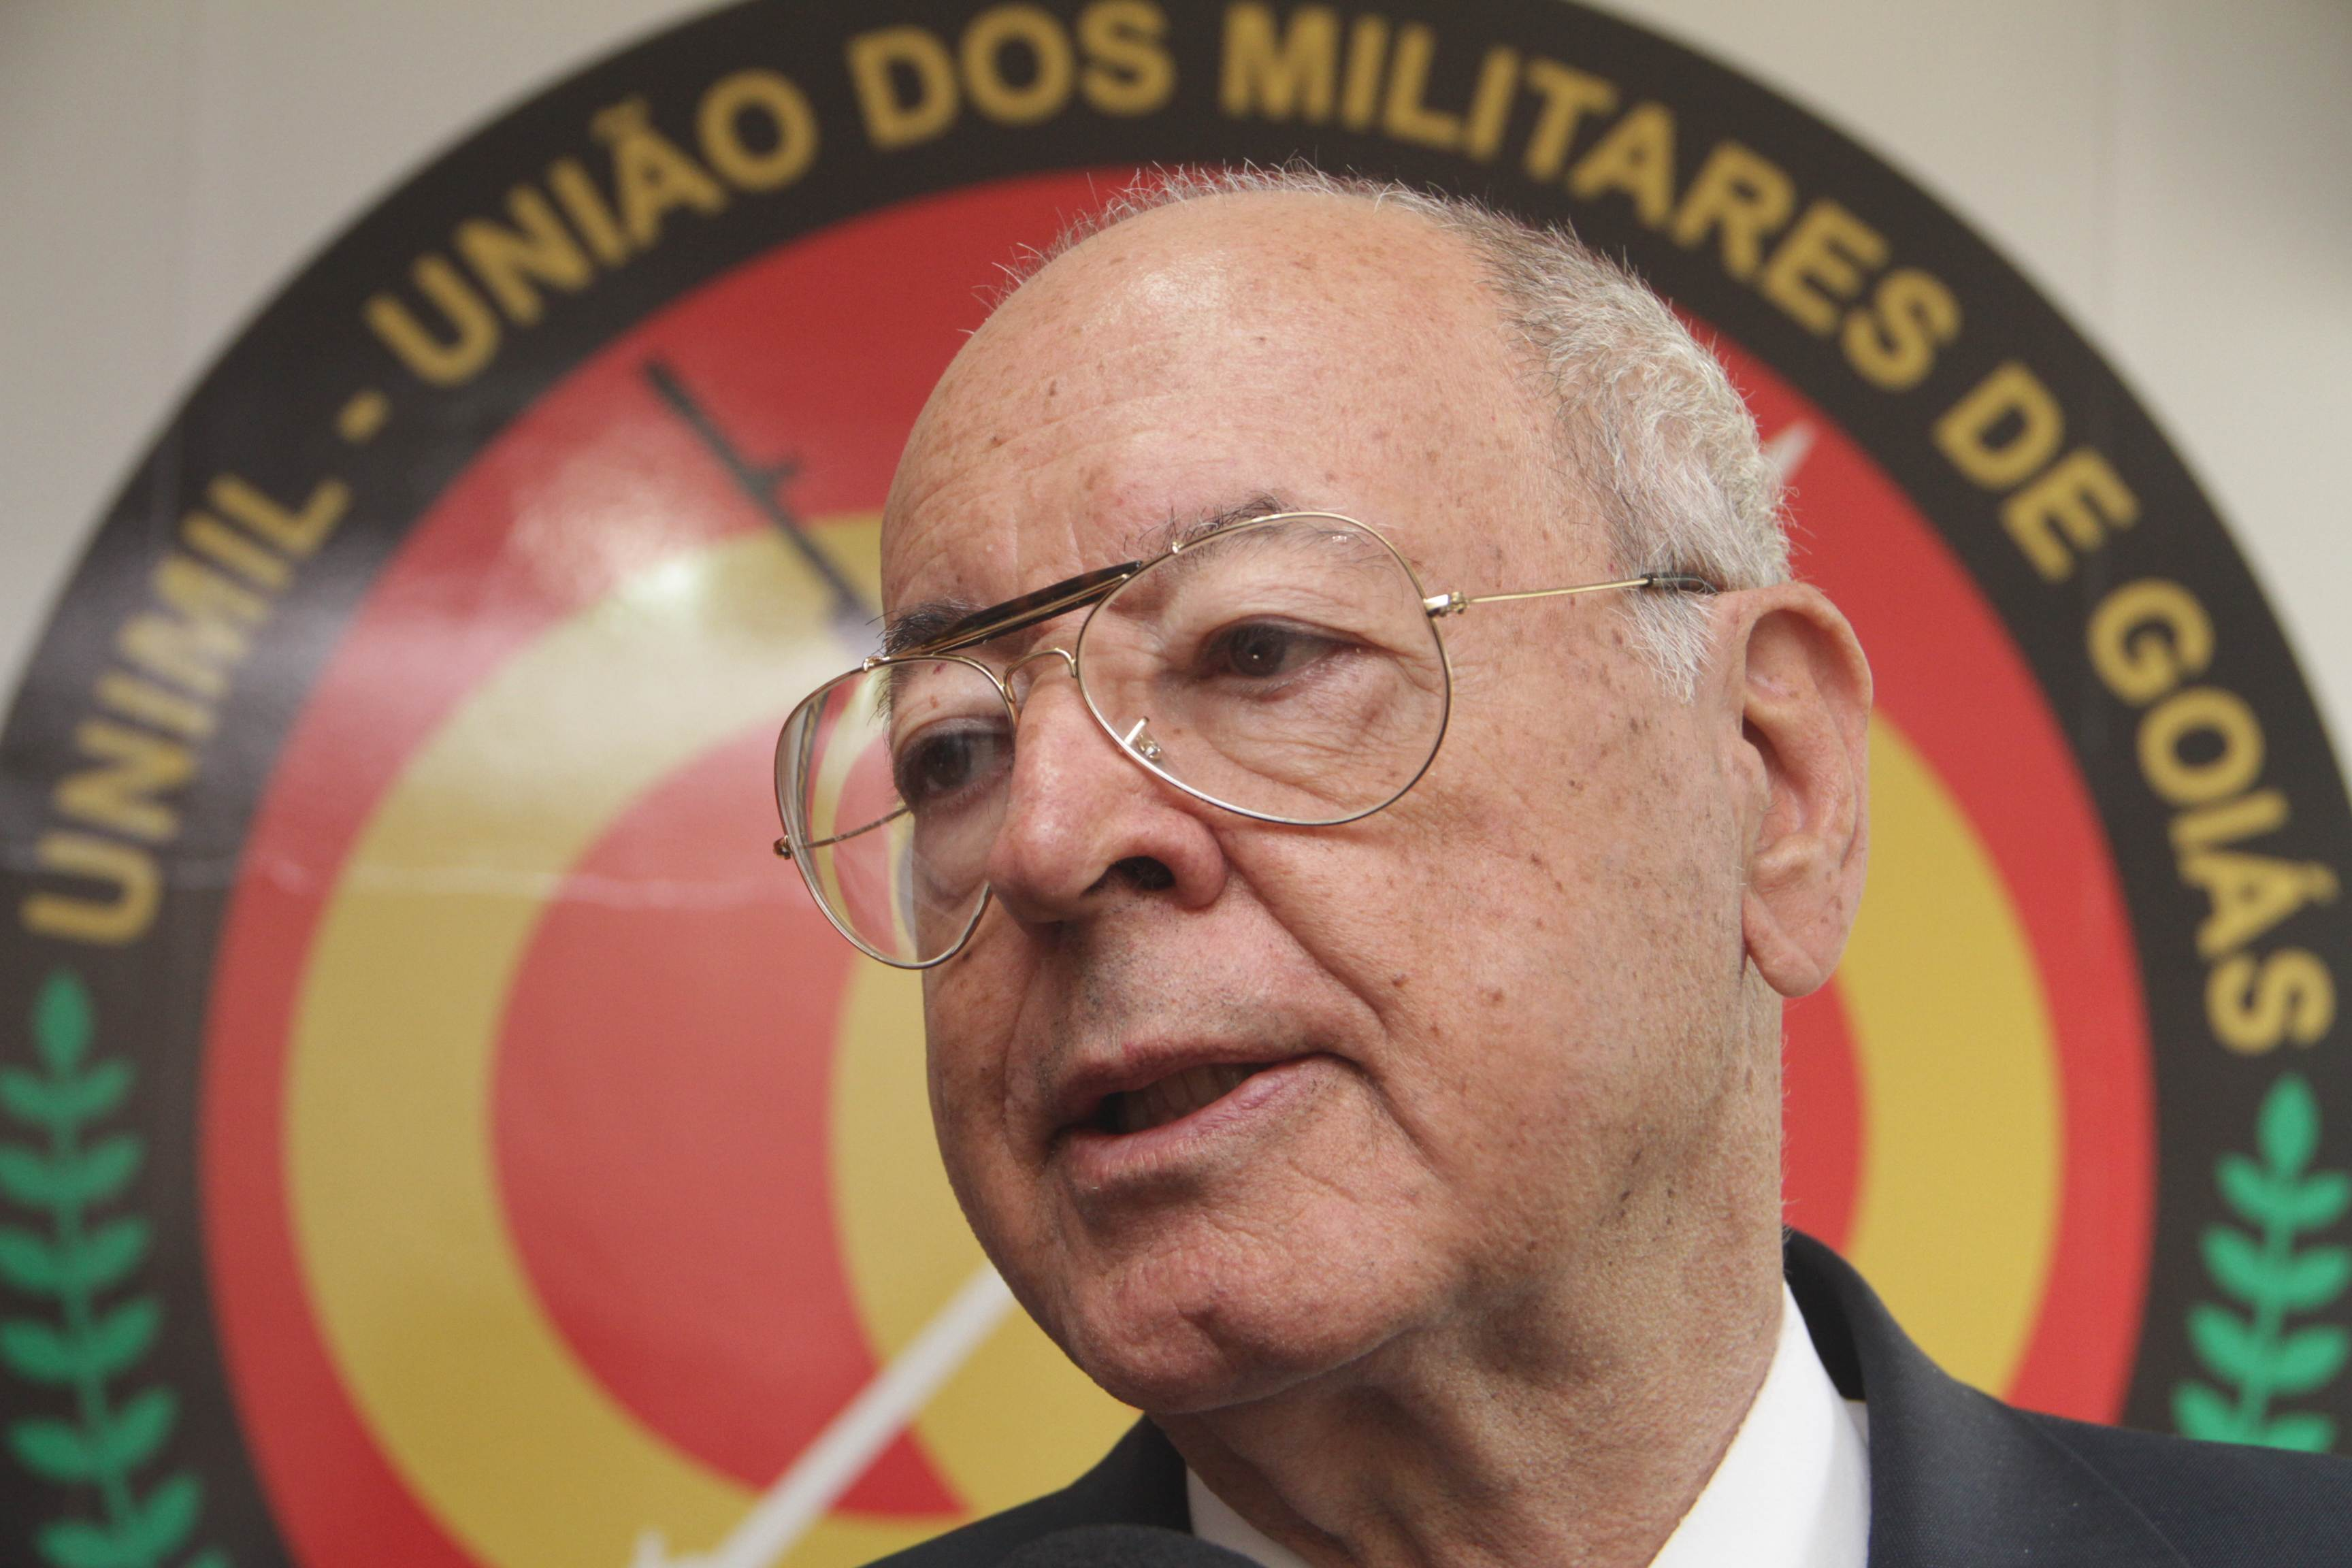 Secretário de Segurança Pública de Goiás Irapuan Costa Júnior | Fotos: Wildes Barbosa / André Costa